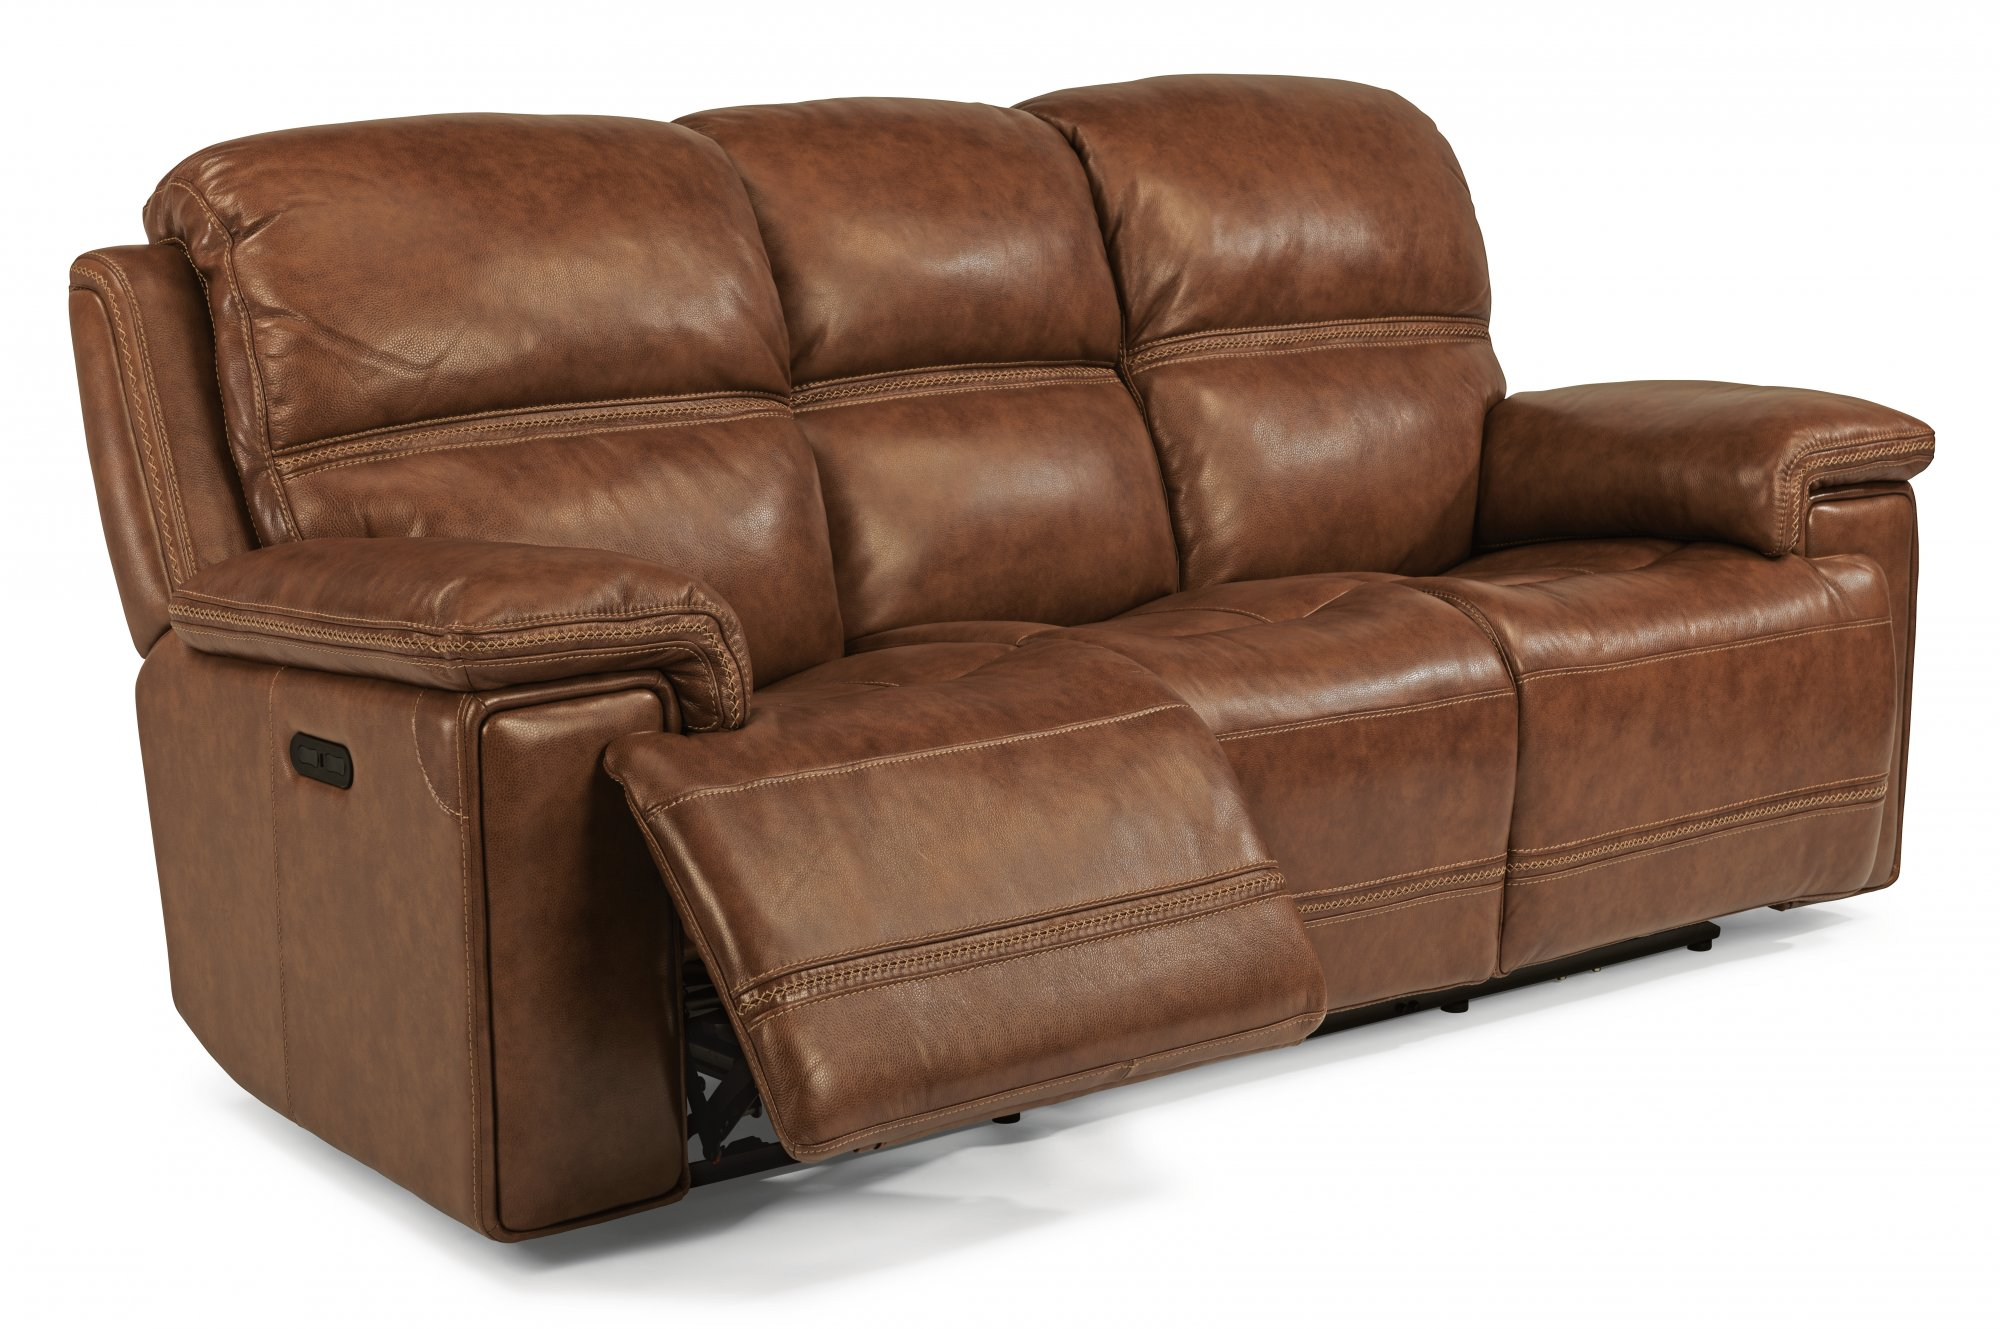 Flexsteel Fenwick Leather Power Reclining Sofa W Headrests ~ Power Reclining Leather Sofa